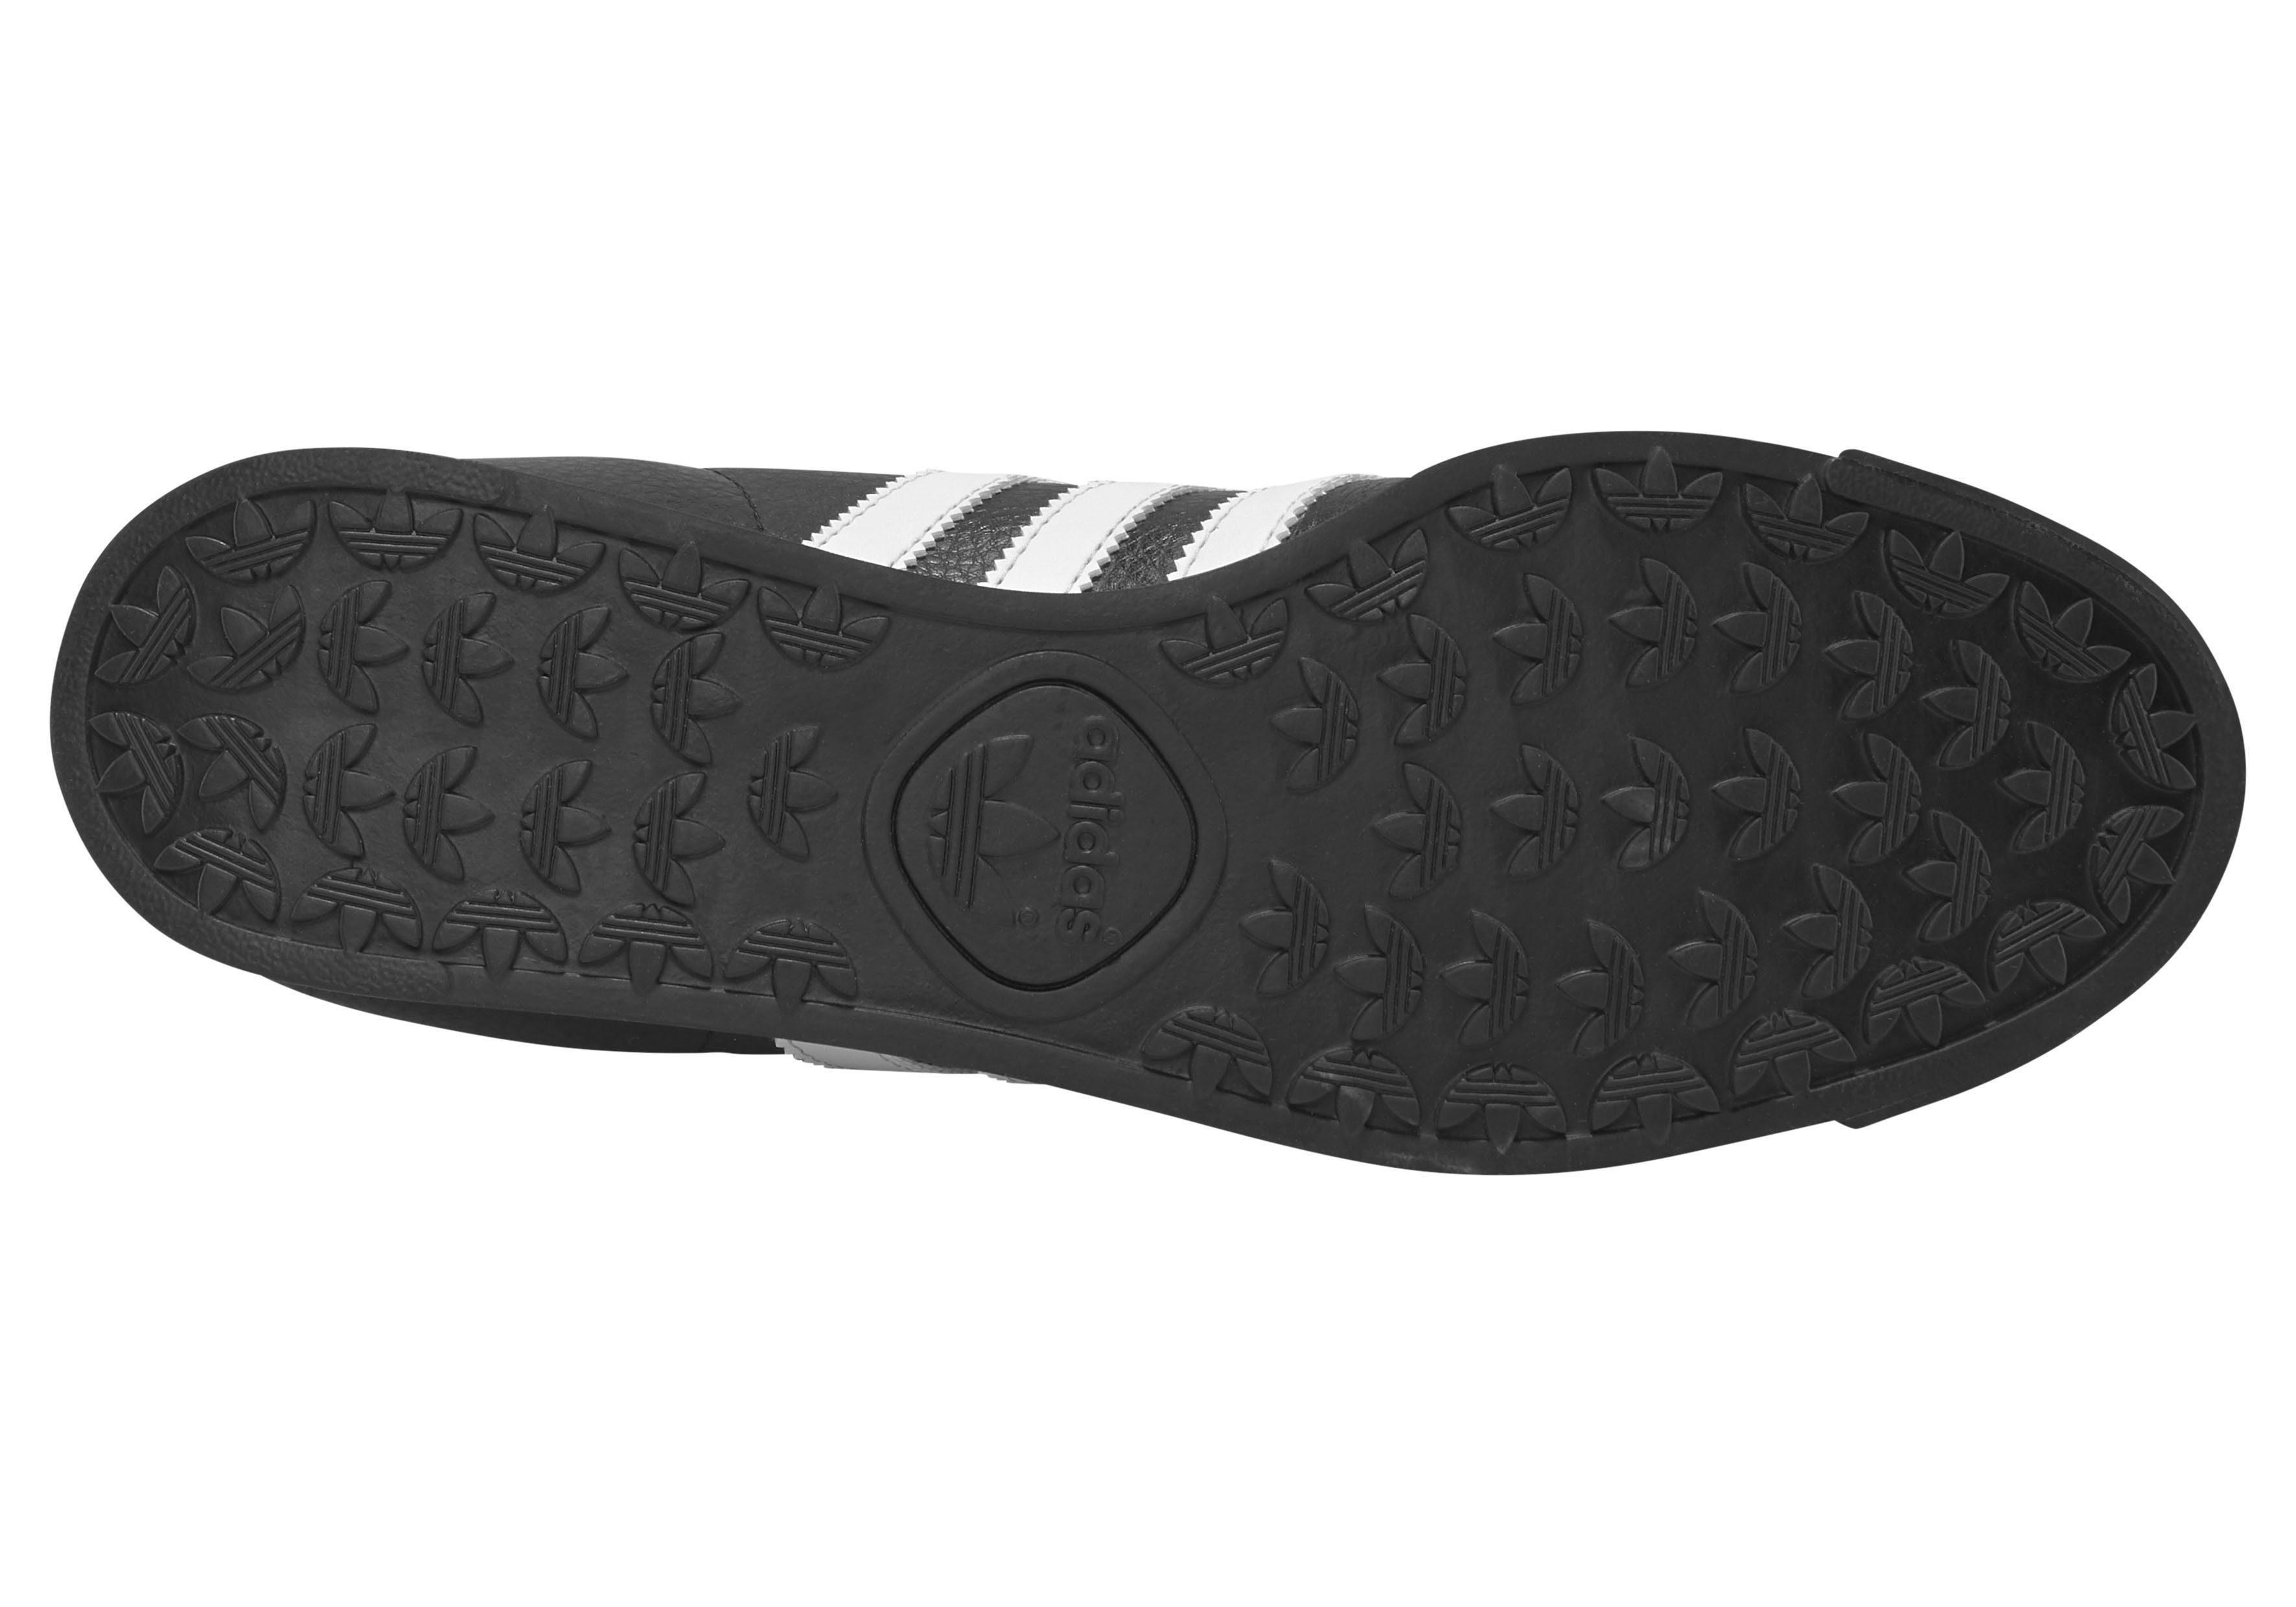 Adidas Originals Sneakers Samoa Online Bestellen - Geweldige Prijs